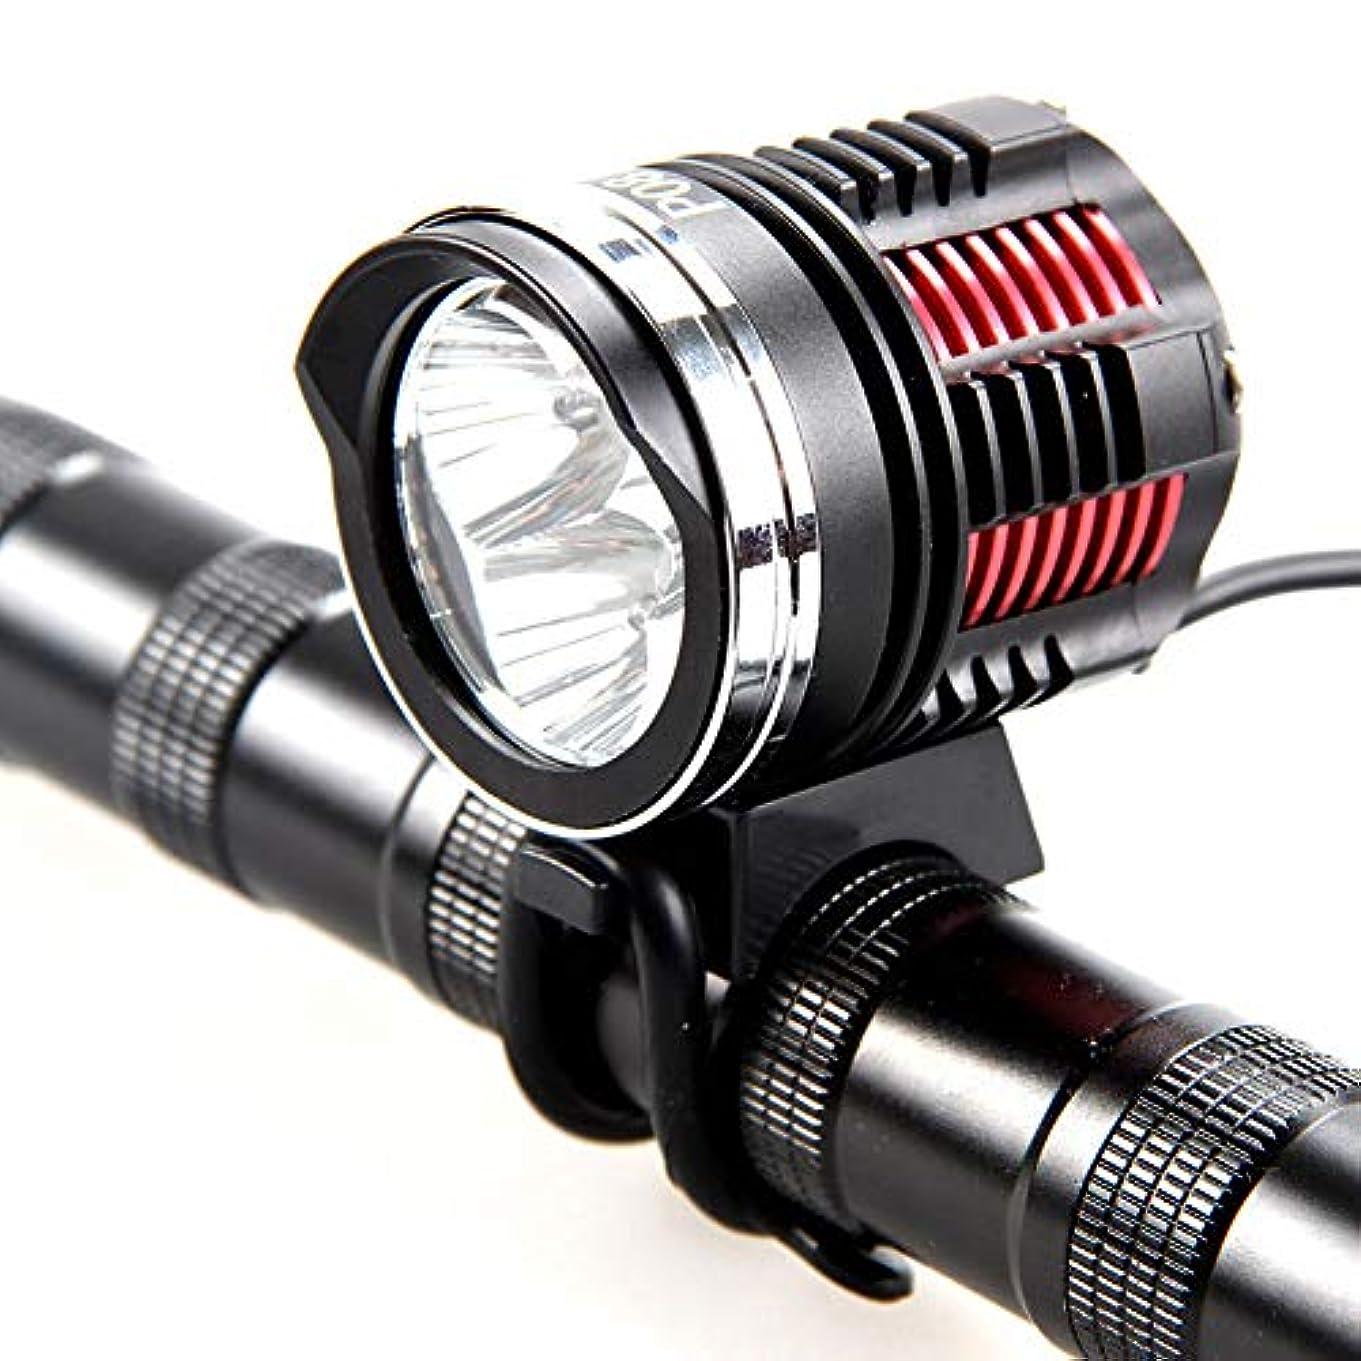 シンプルな溝代わりに自転車用ヘッドライト自転車用フラッシュライトとして使用するためのUSB充電ライト 201